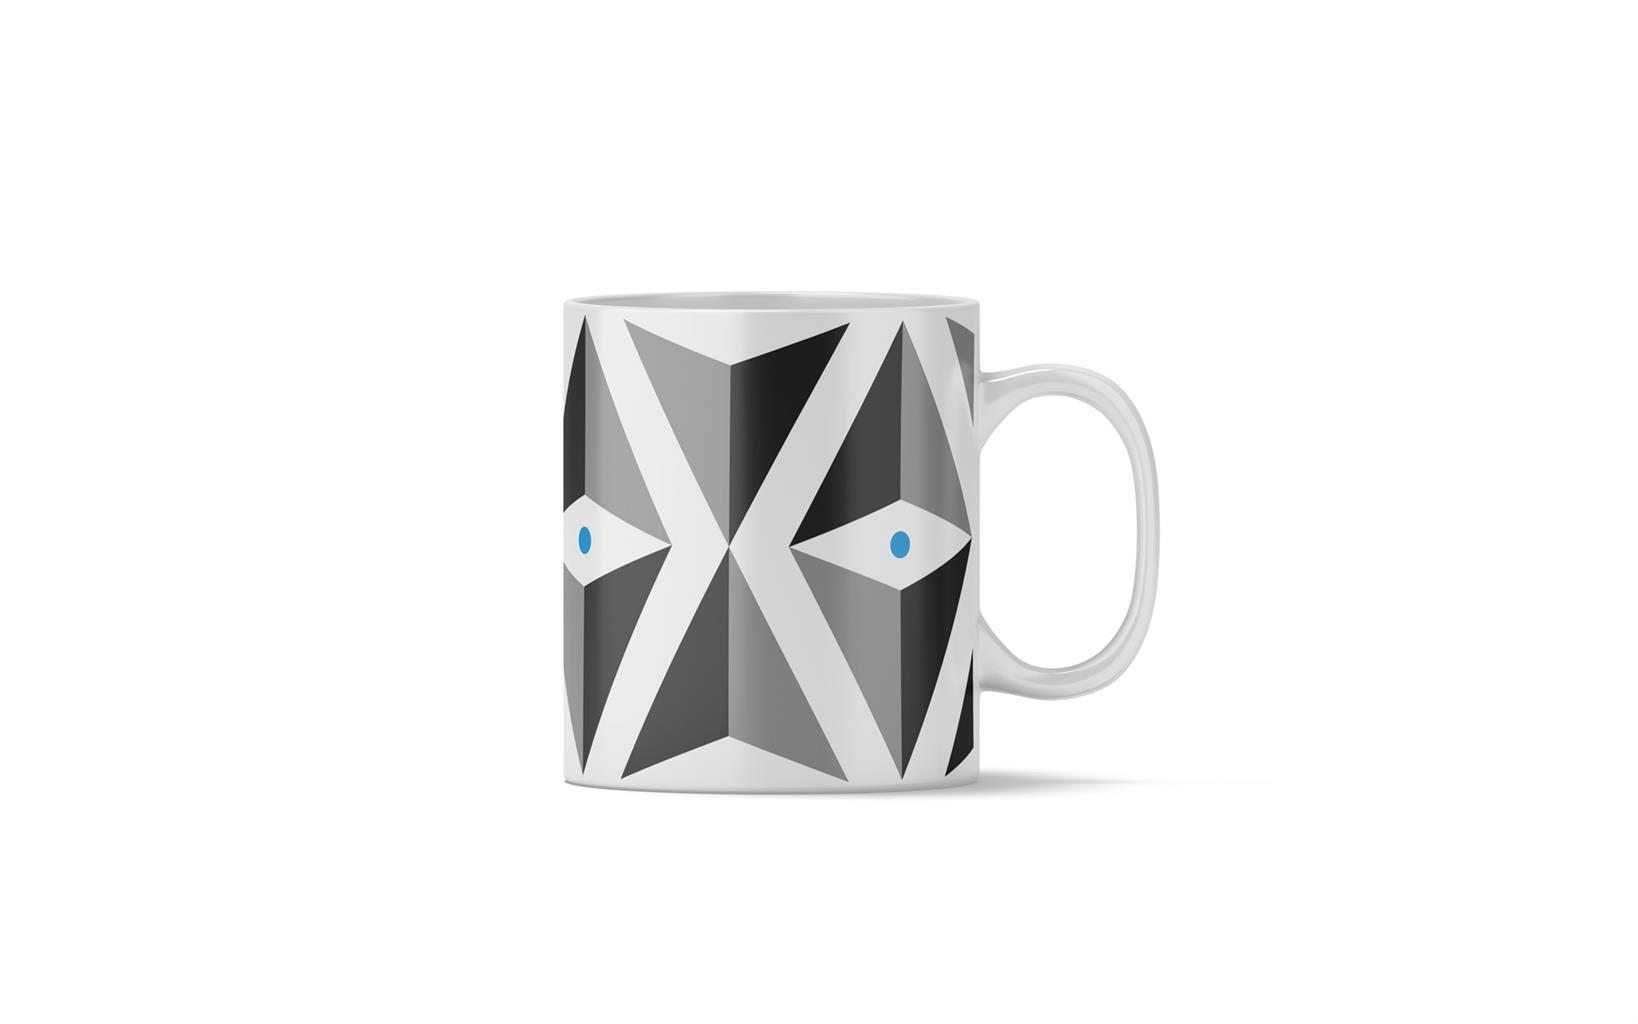 Blue Lg Triangle Mug